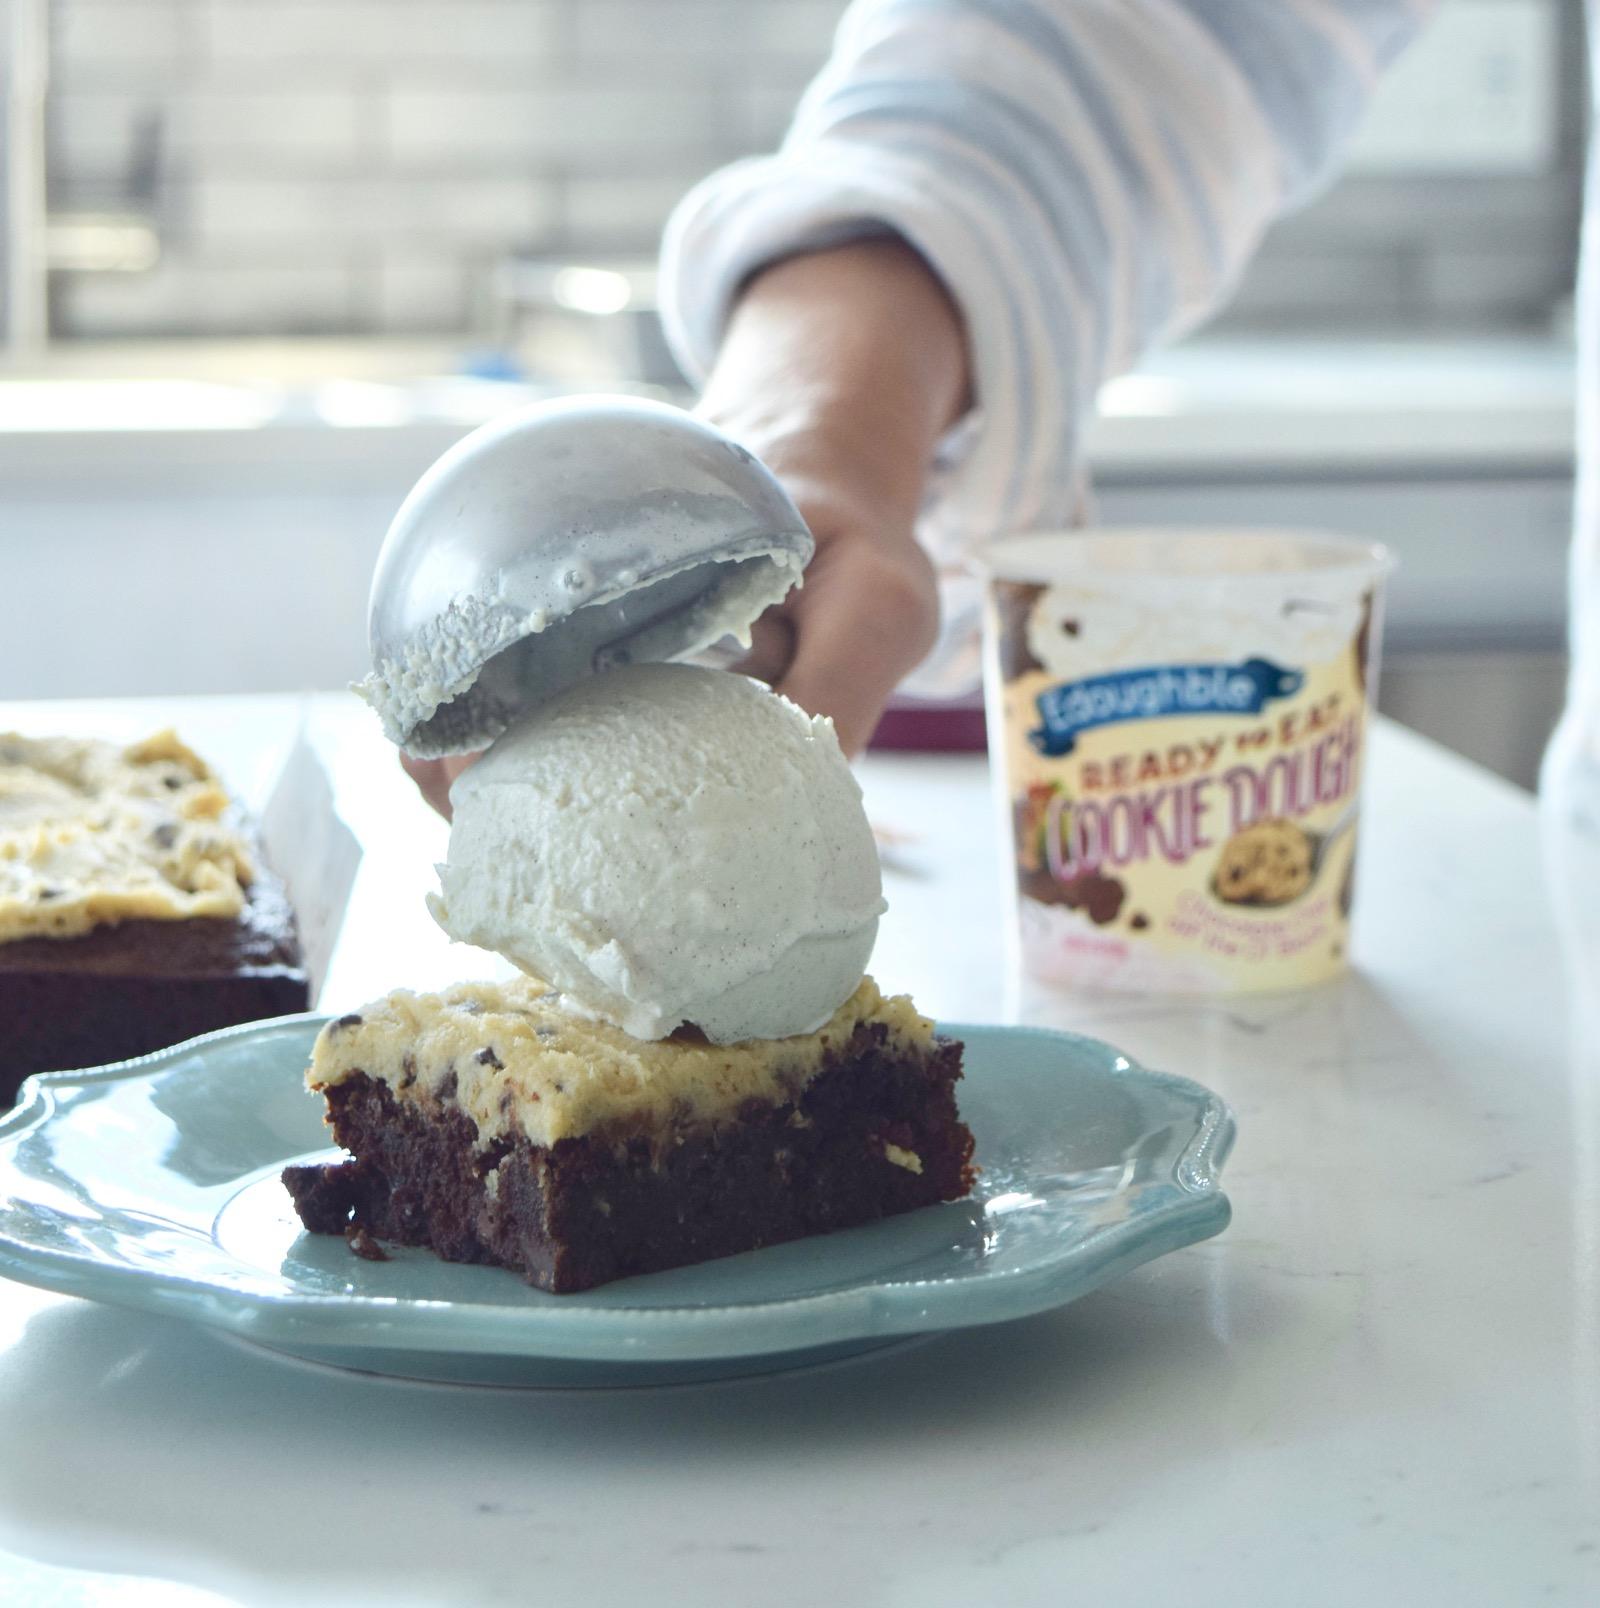 The Best Ice Cream Sundae Recipe